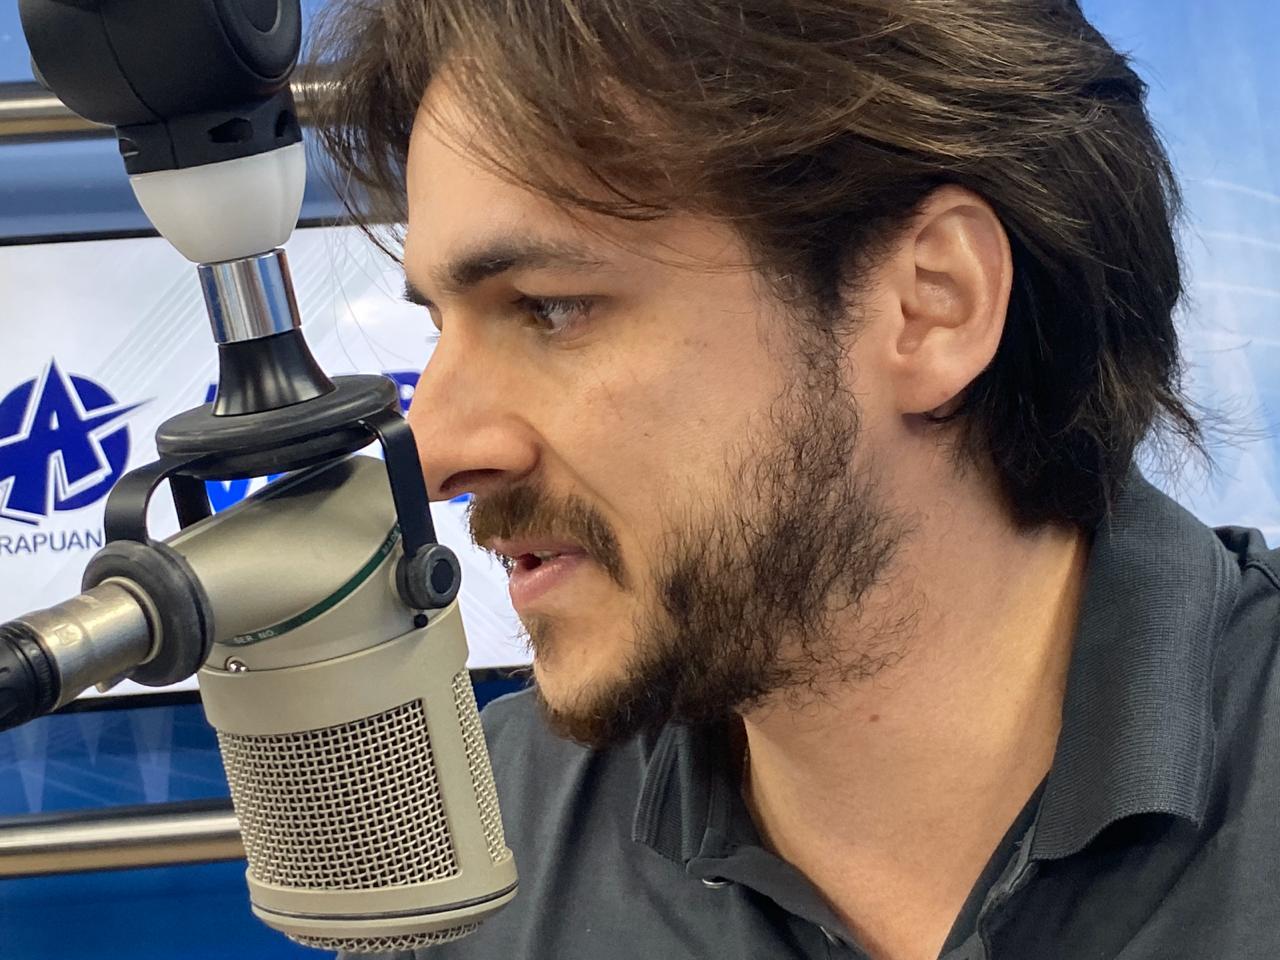 WhatsApp Image 2019 10 14 at 13.15.52 - 'JAMAIS DEFENDEREI TORTURA': Pedro Cunha Lima justifica não pode apoiar Bolsonaro - VEJA VÍDEO